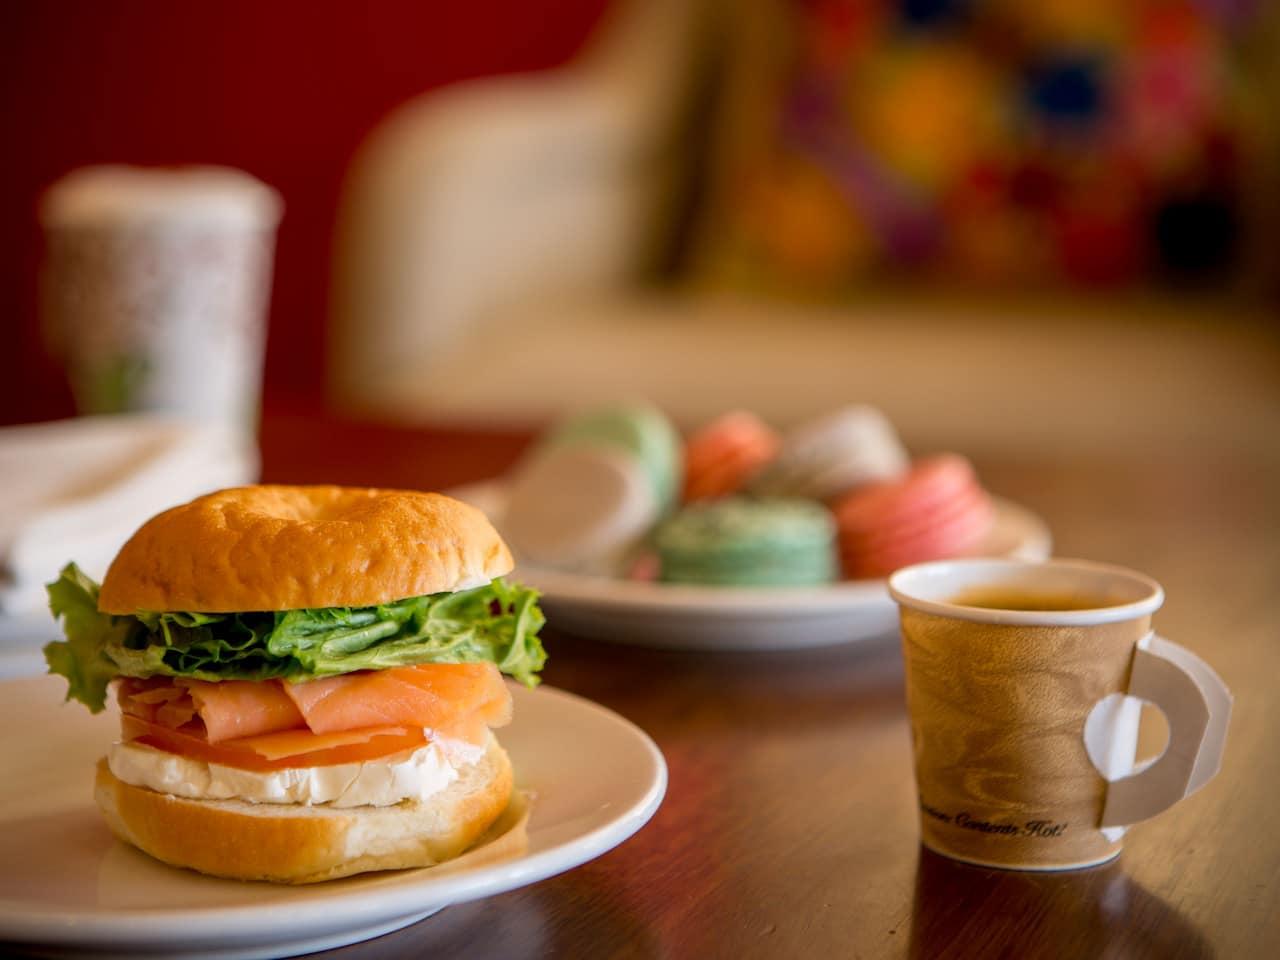 Coffee House Breakfast Tea and Bagel Sandwich